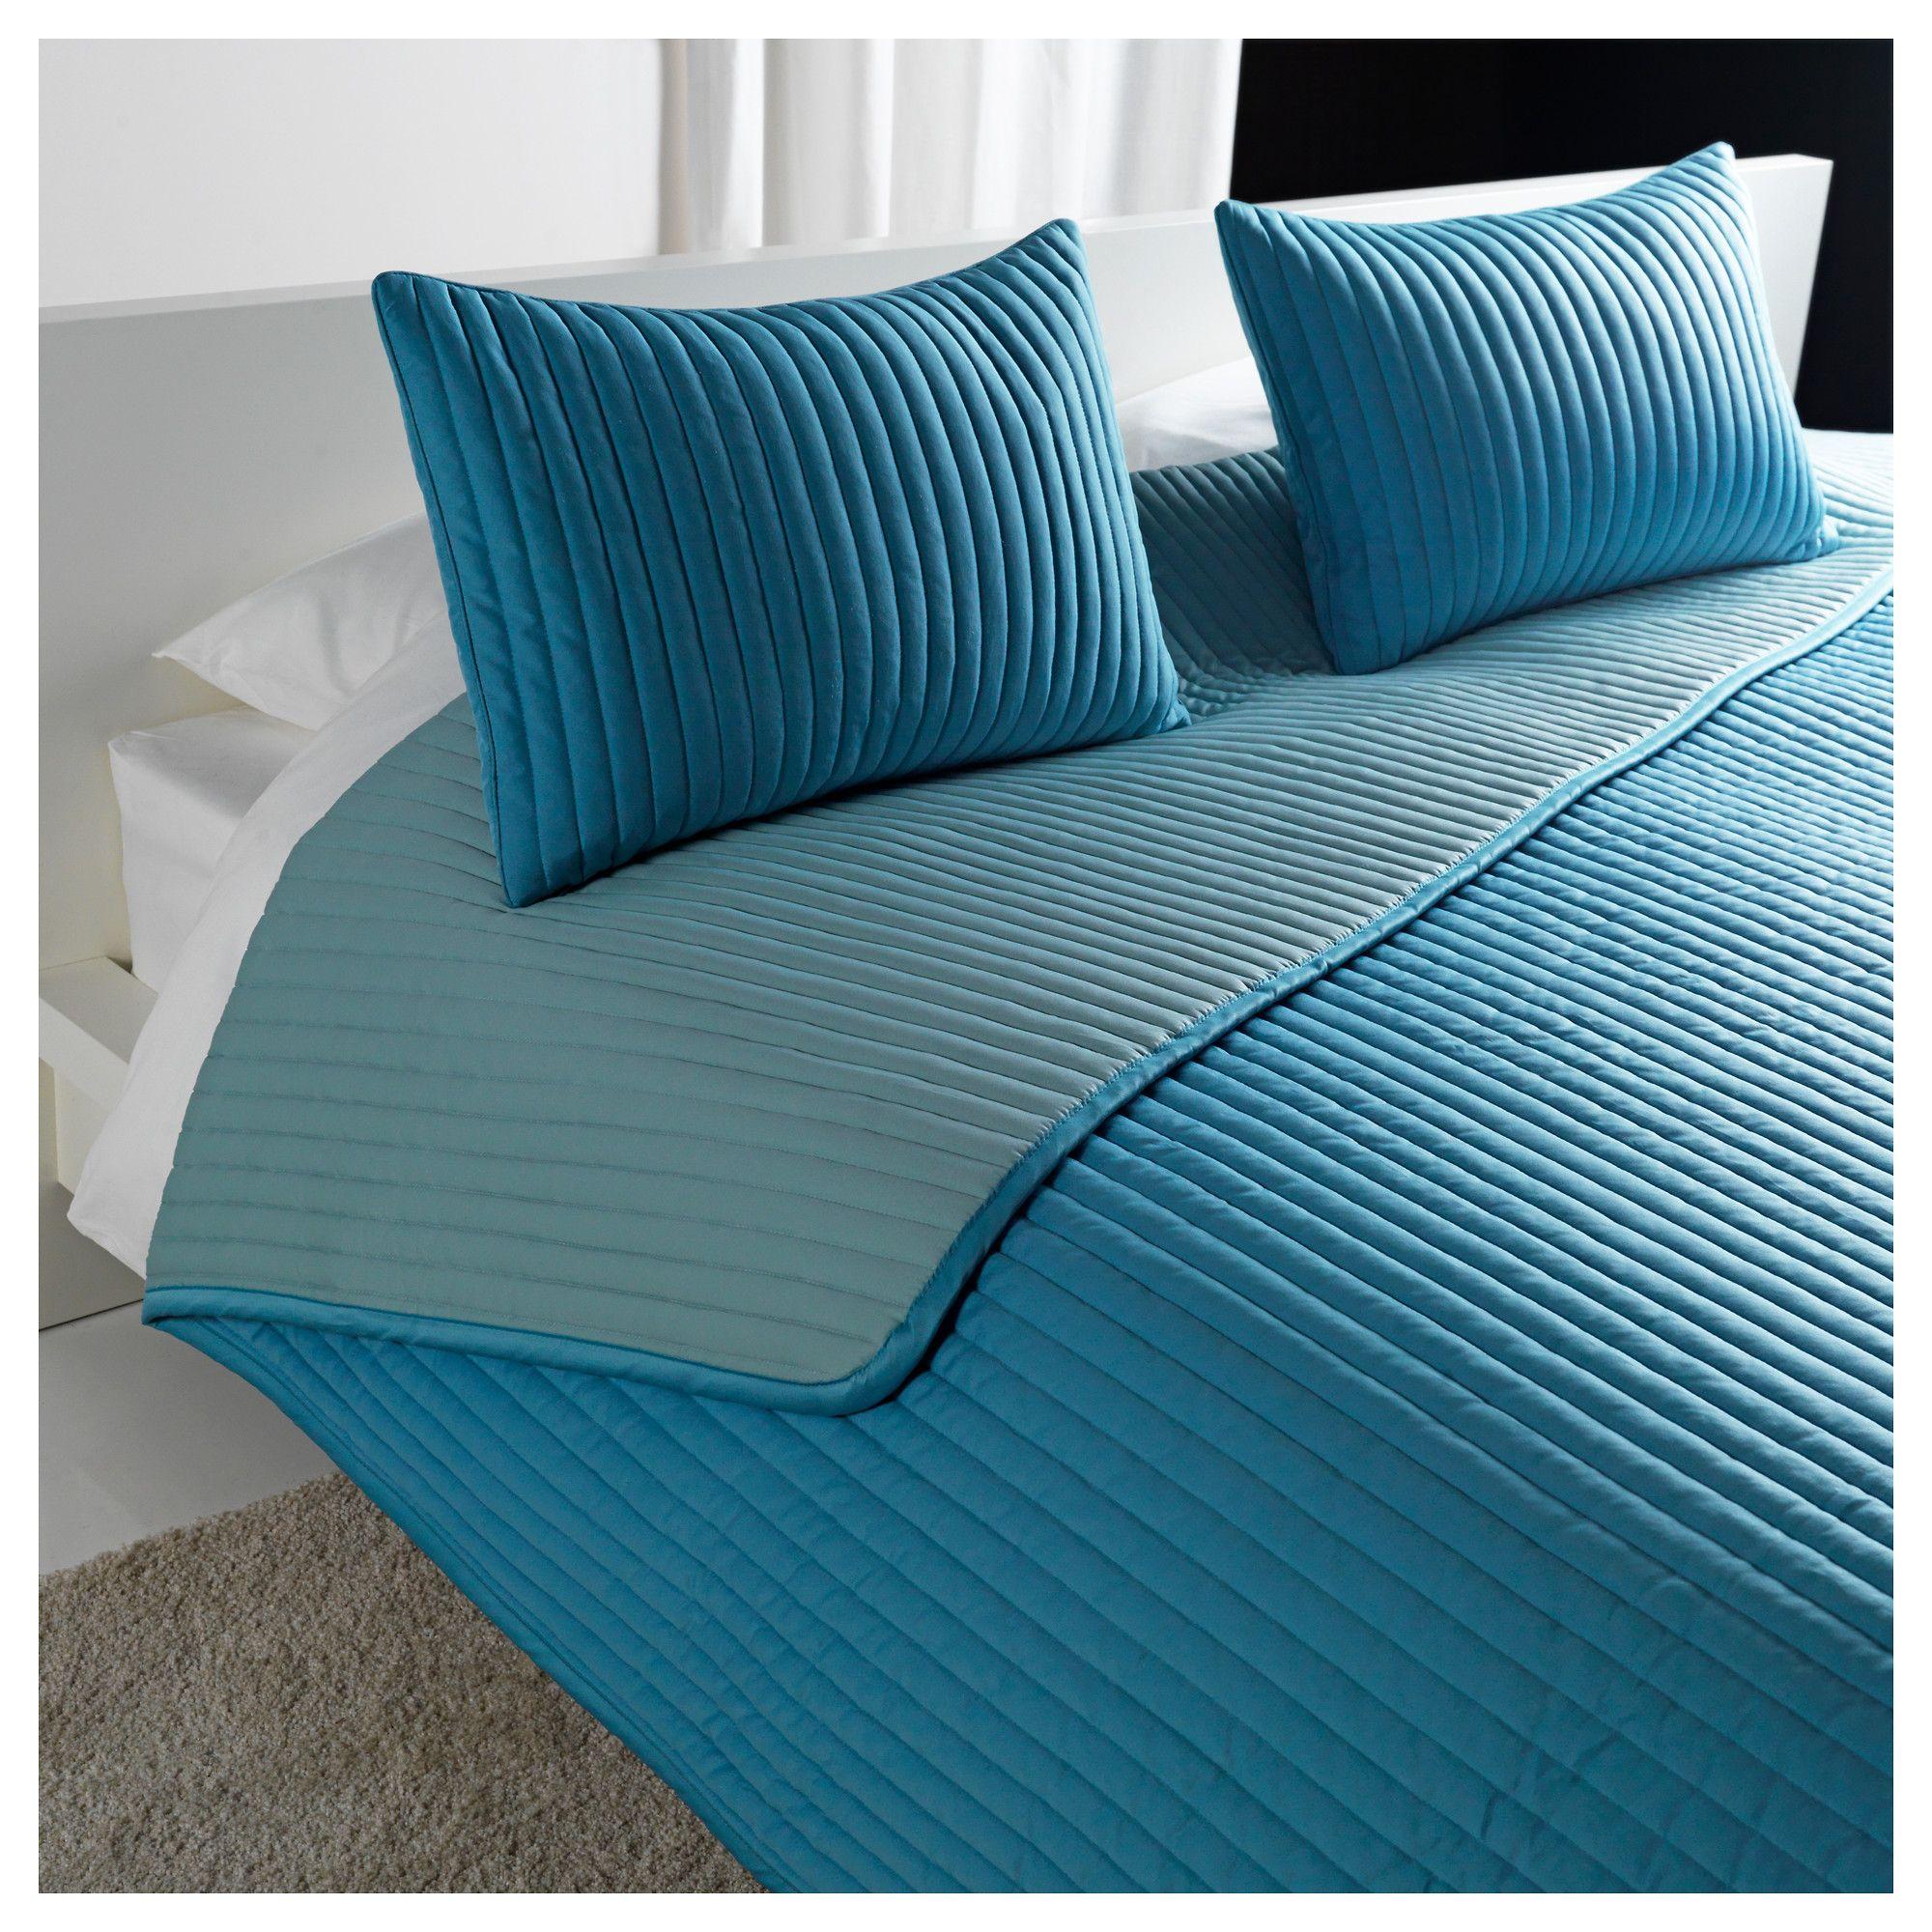 karit couvre lit et 2 housses coussin grand deux places tg deux places ikea chambres. Black Bedroom Furniture Sets. Home Design Ideas